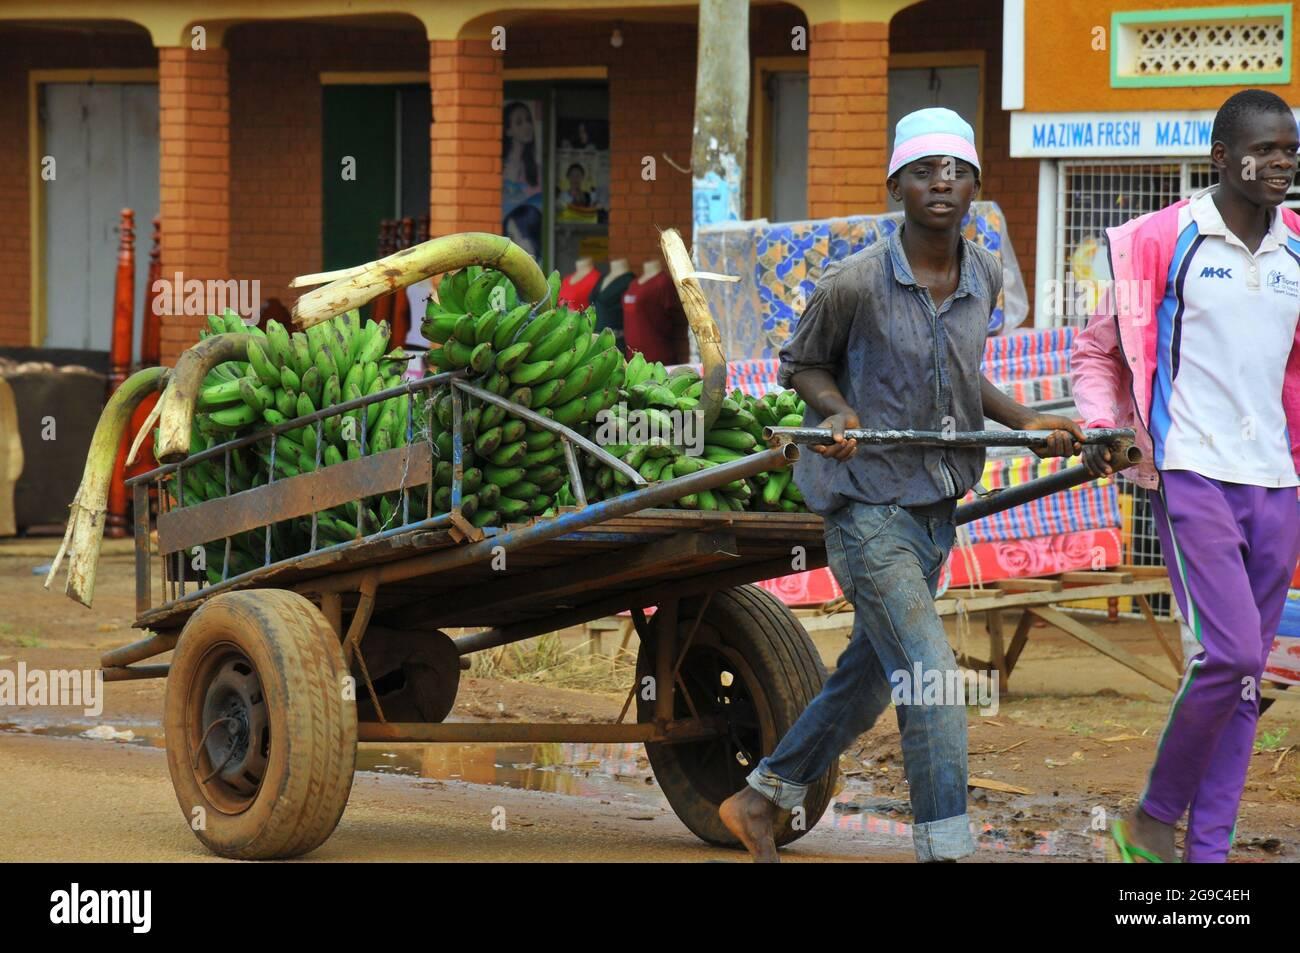 Un homme qui pousse un chariot transportant des bananes pour exportation de l'Ouganda à la frontière kenyane dans le district de Busia. Ouganda. Banque D'Images